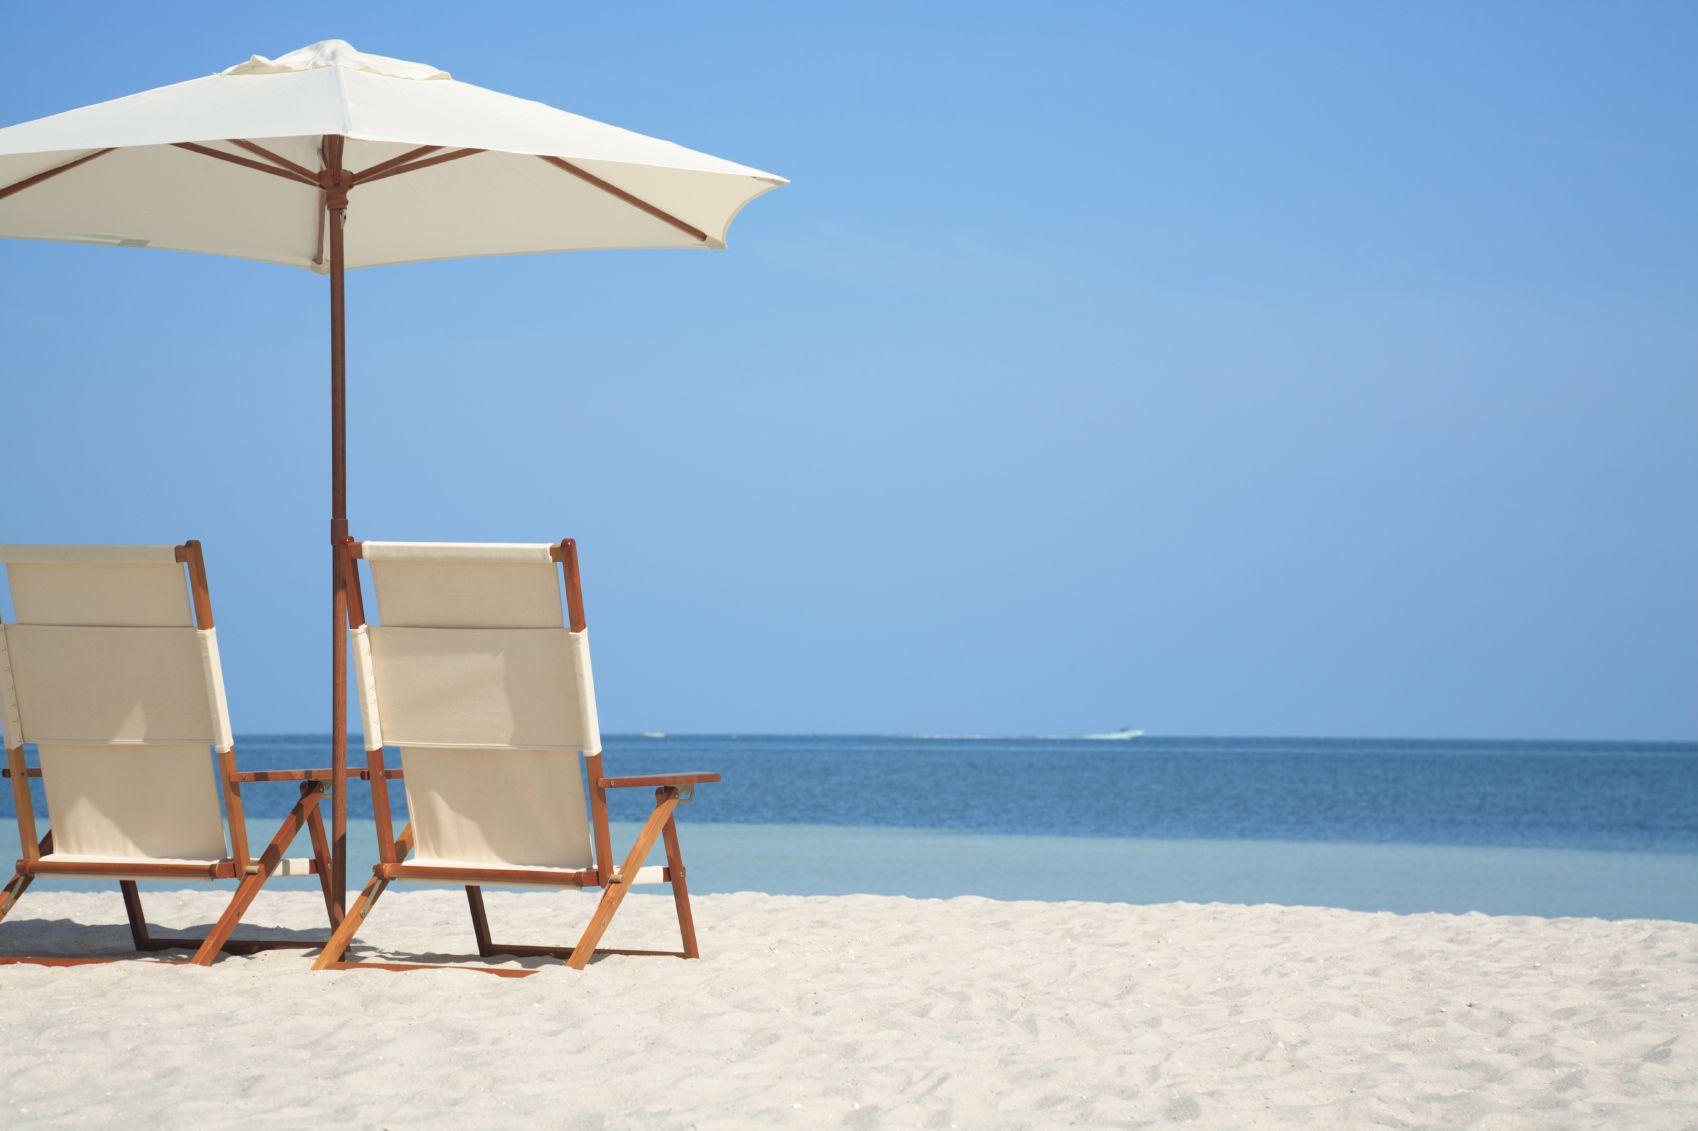 beach+chair | beach chairs and umbrella on tropical beach ...